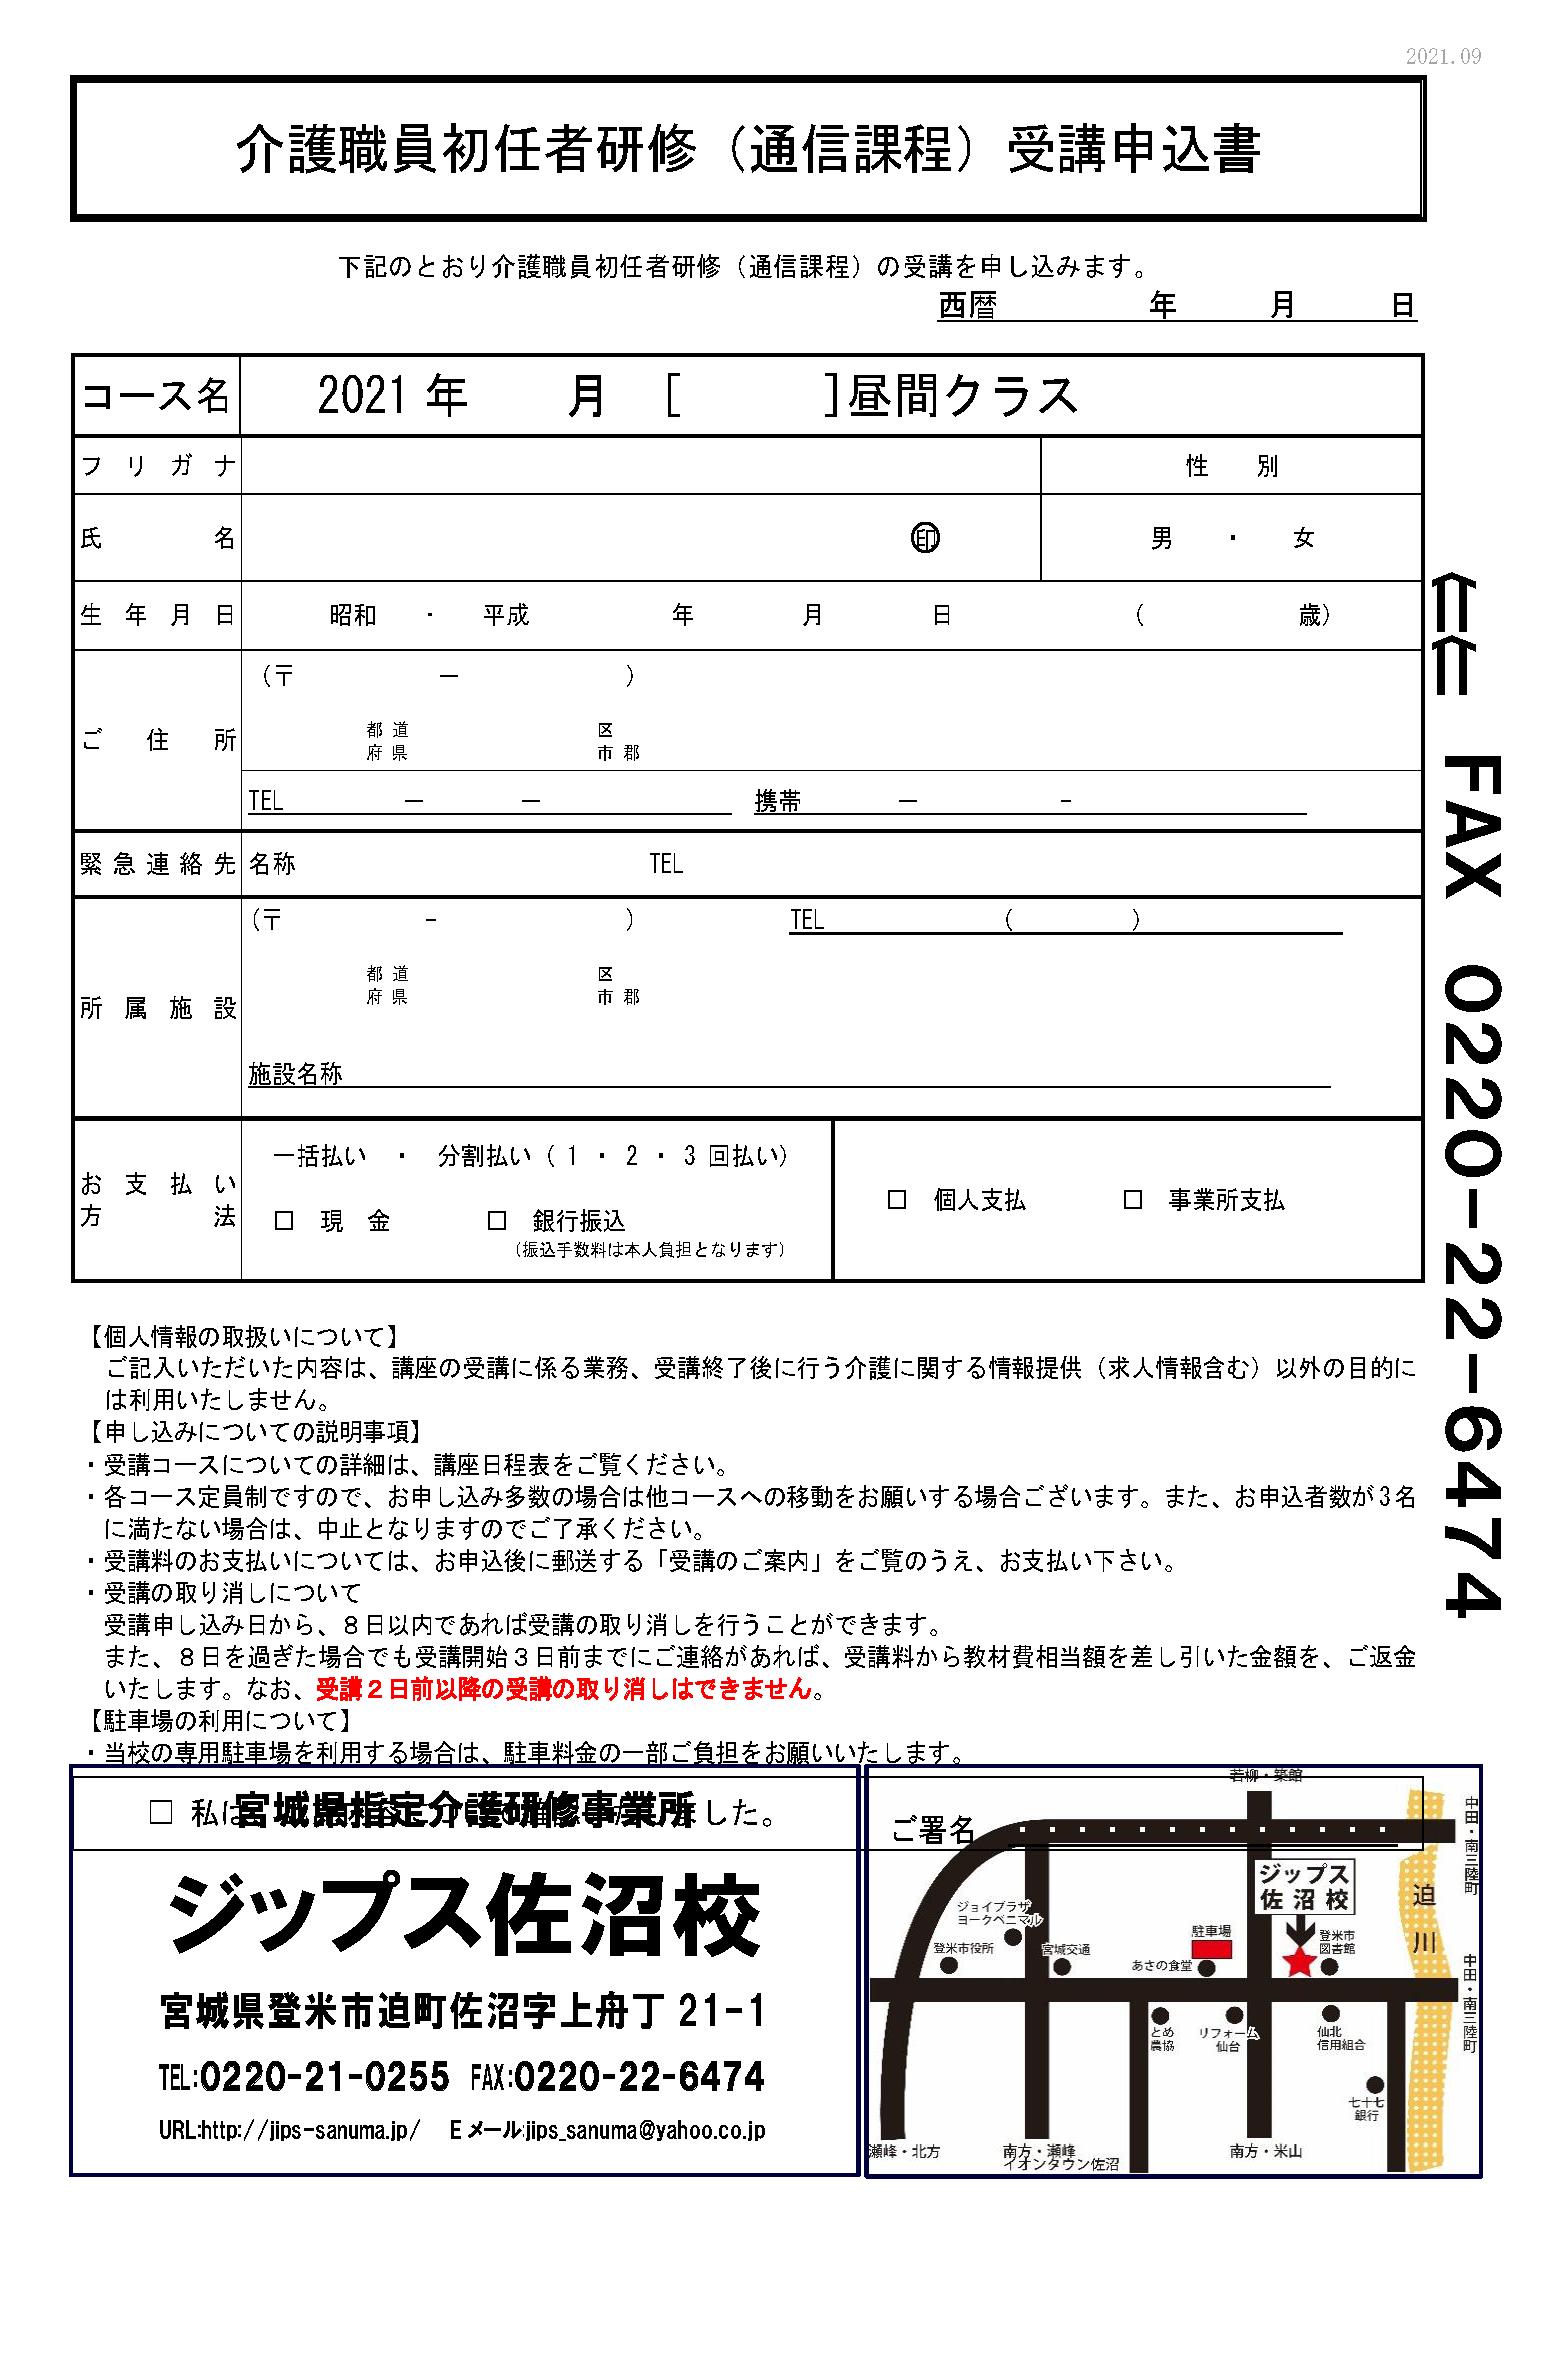 初任者研修募集チラシ2021年10月_ページ_2